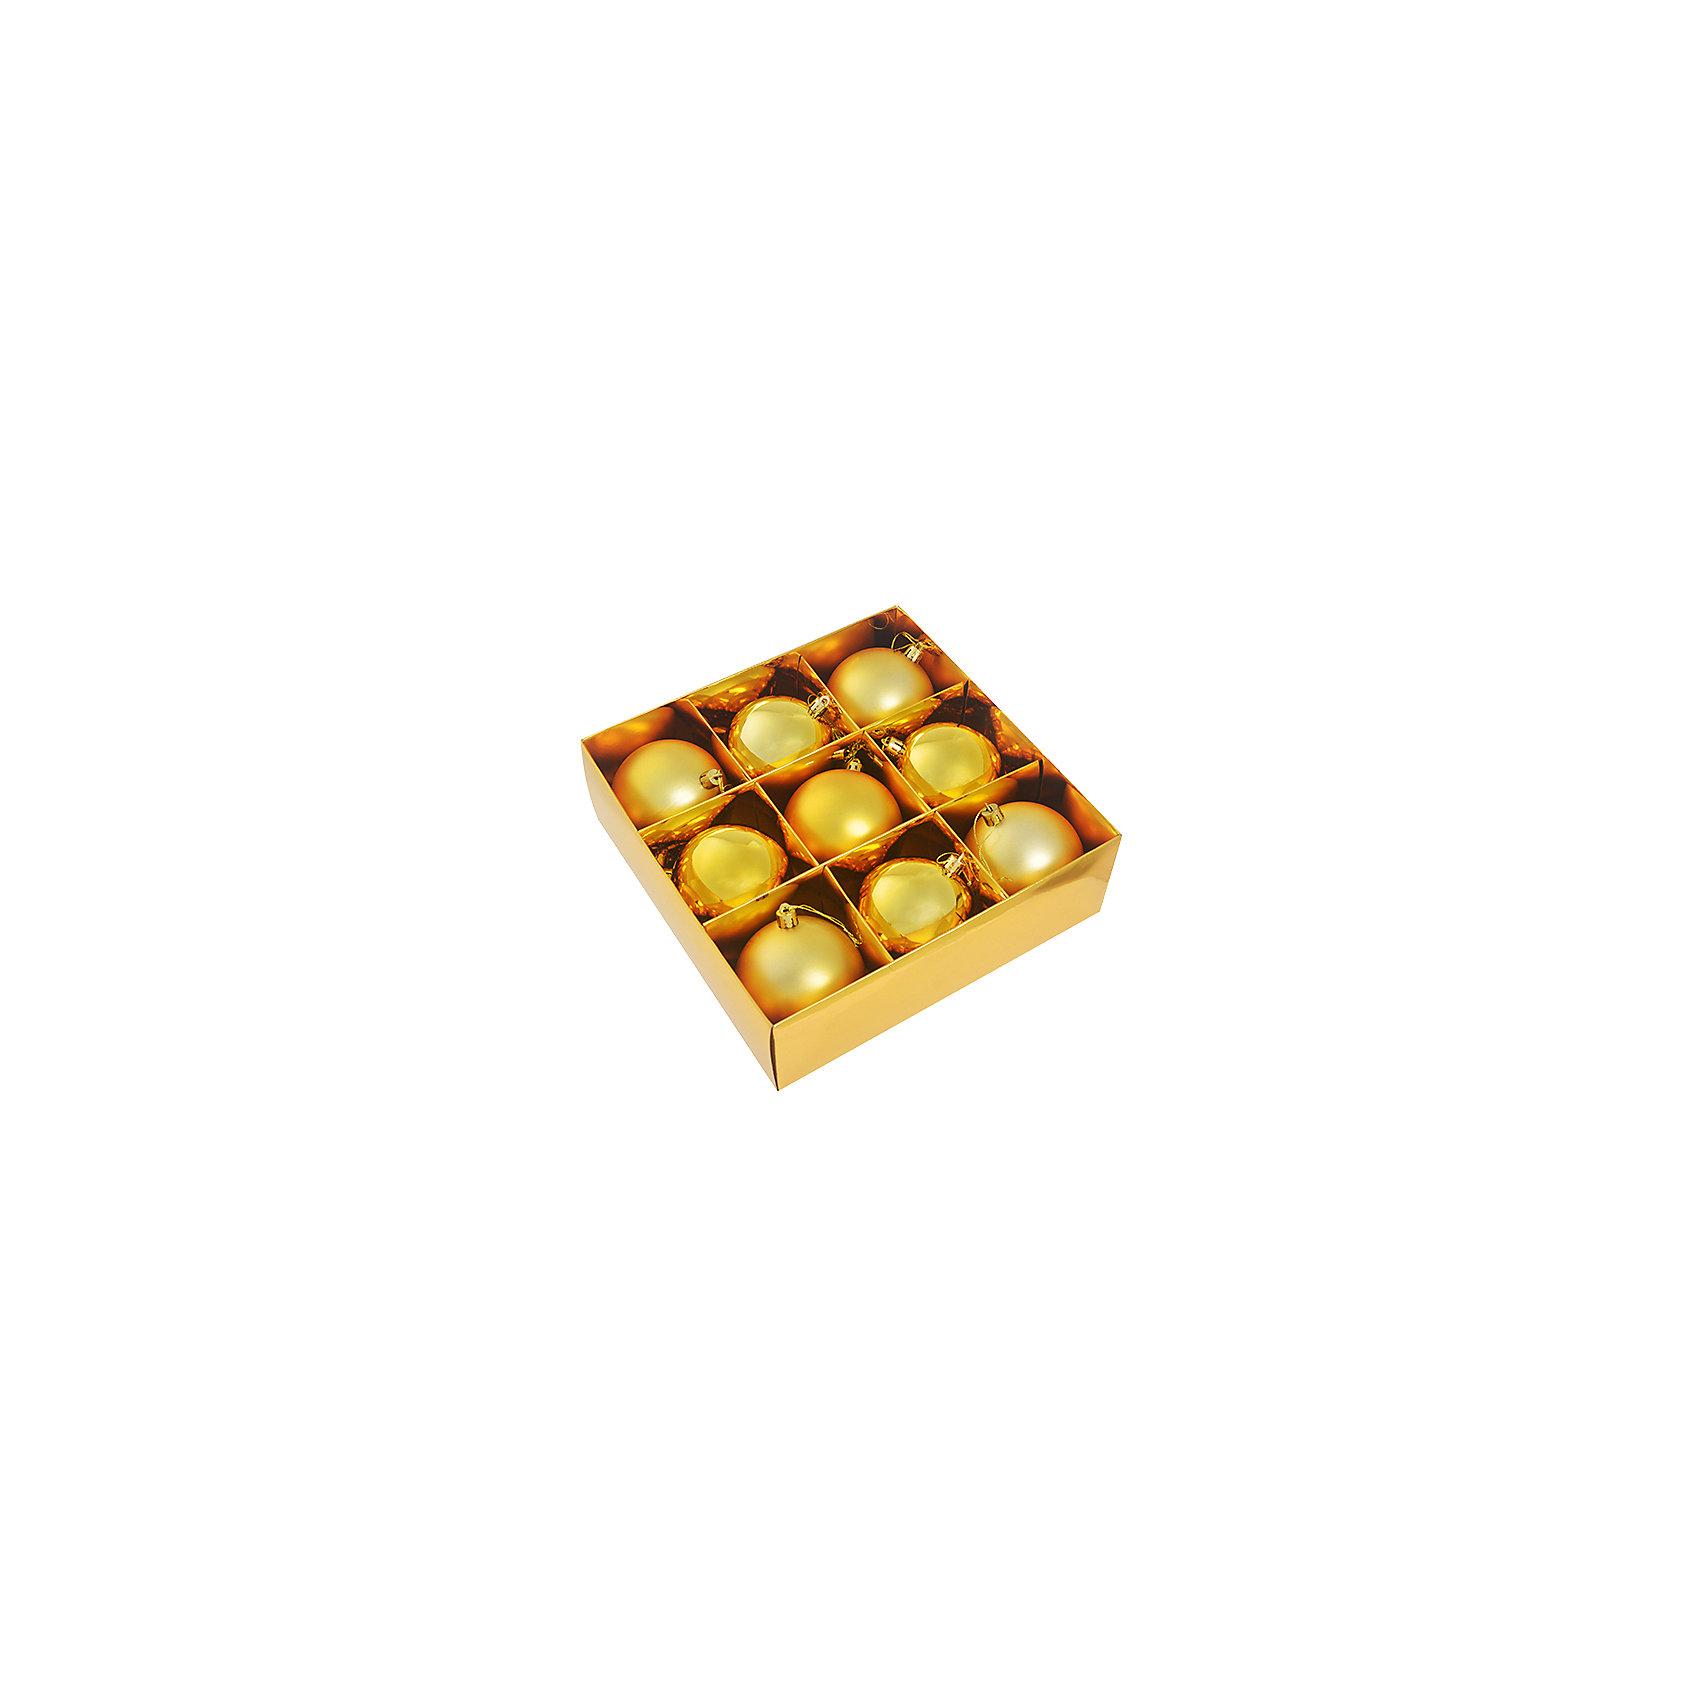 Набор елочных шаров,9 шт, цвет золотоВсё для праздника<br>Набор елочных шаров, диаметр 8 см, 9 шт., цвет золото<br><br>Ширина мм: 25<br>Глубина мм: 25<br>Высота мм: 10<br>Вес г: 200<br>Возраст от месяцев: 72<br>Возраст до месяцев: 540<br>Пол: Унисекс<br>Возраст: Детский<br>SKU: 5159001